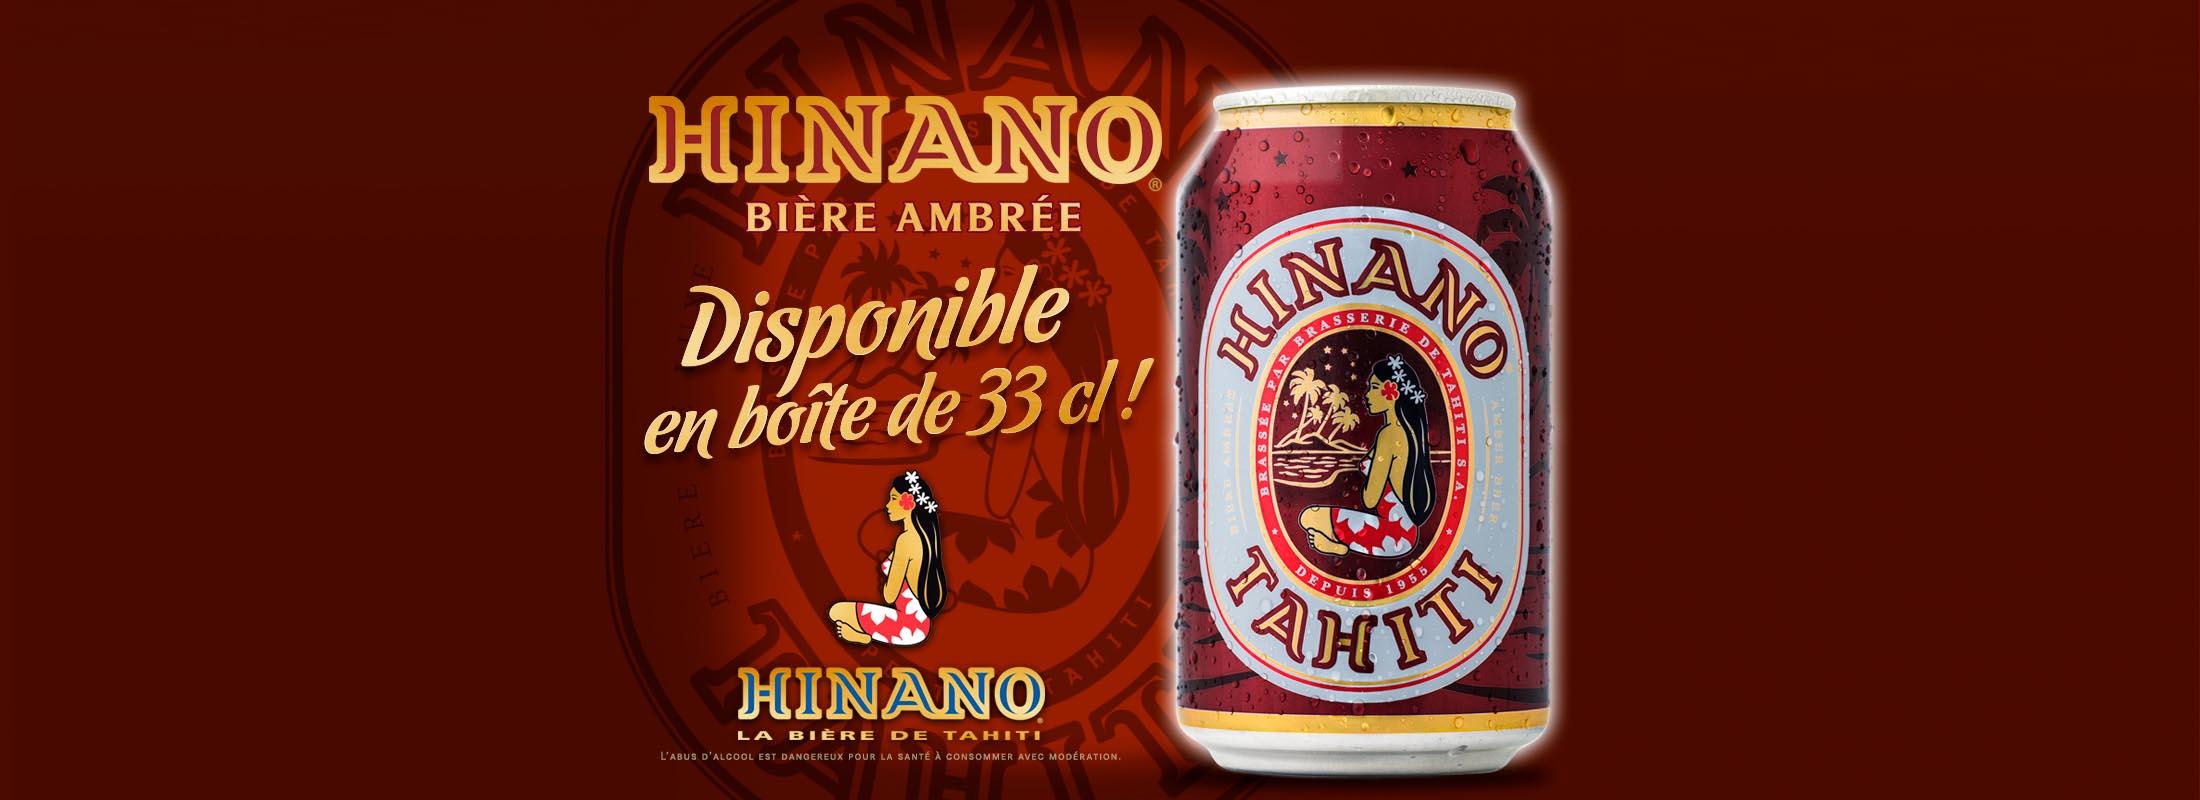 Hinano-ambrée-2200x800px